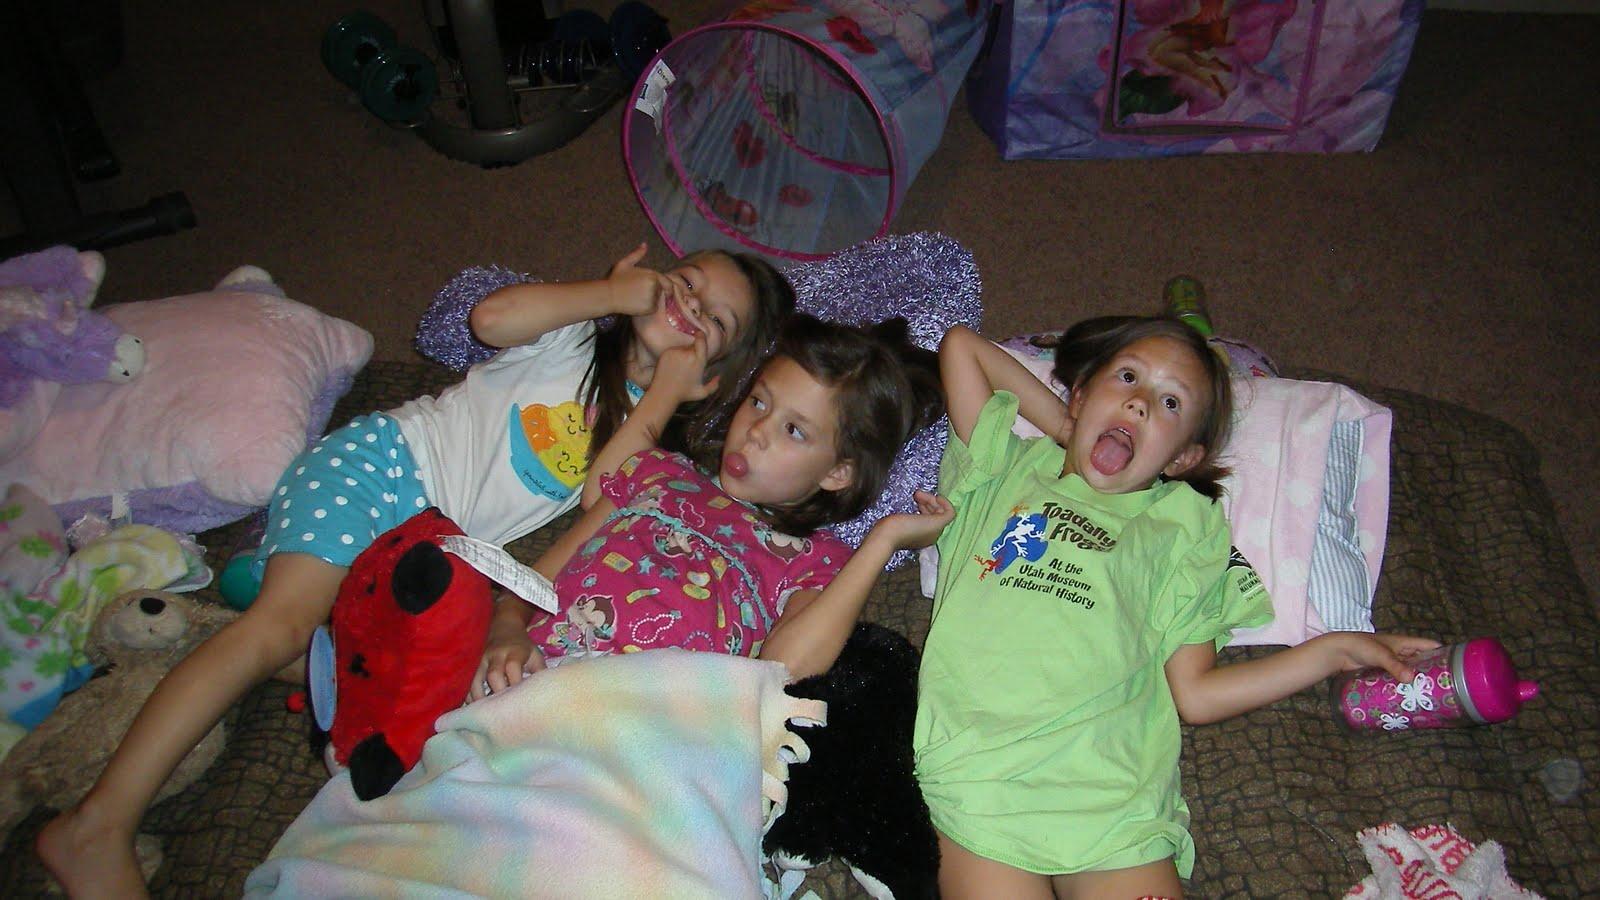 Girl sleepover party panties